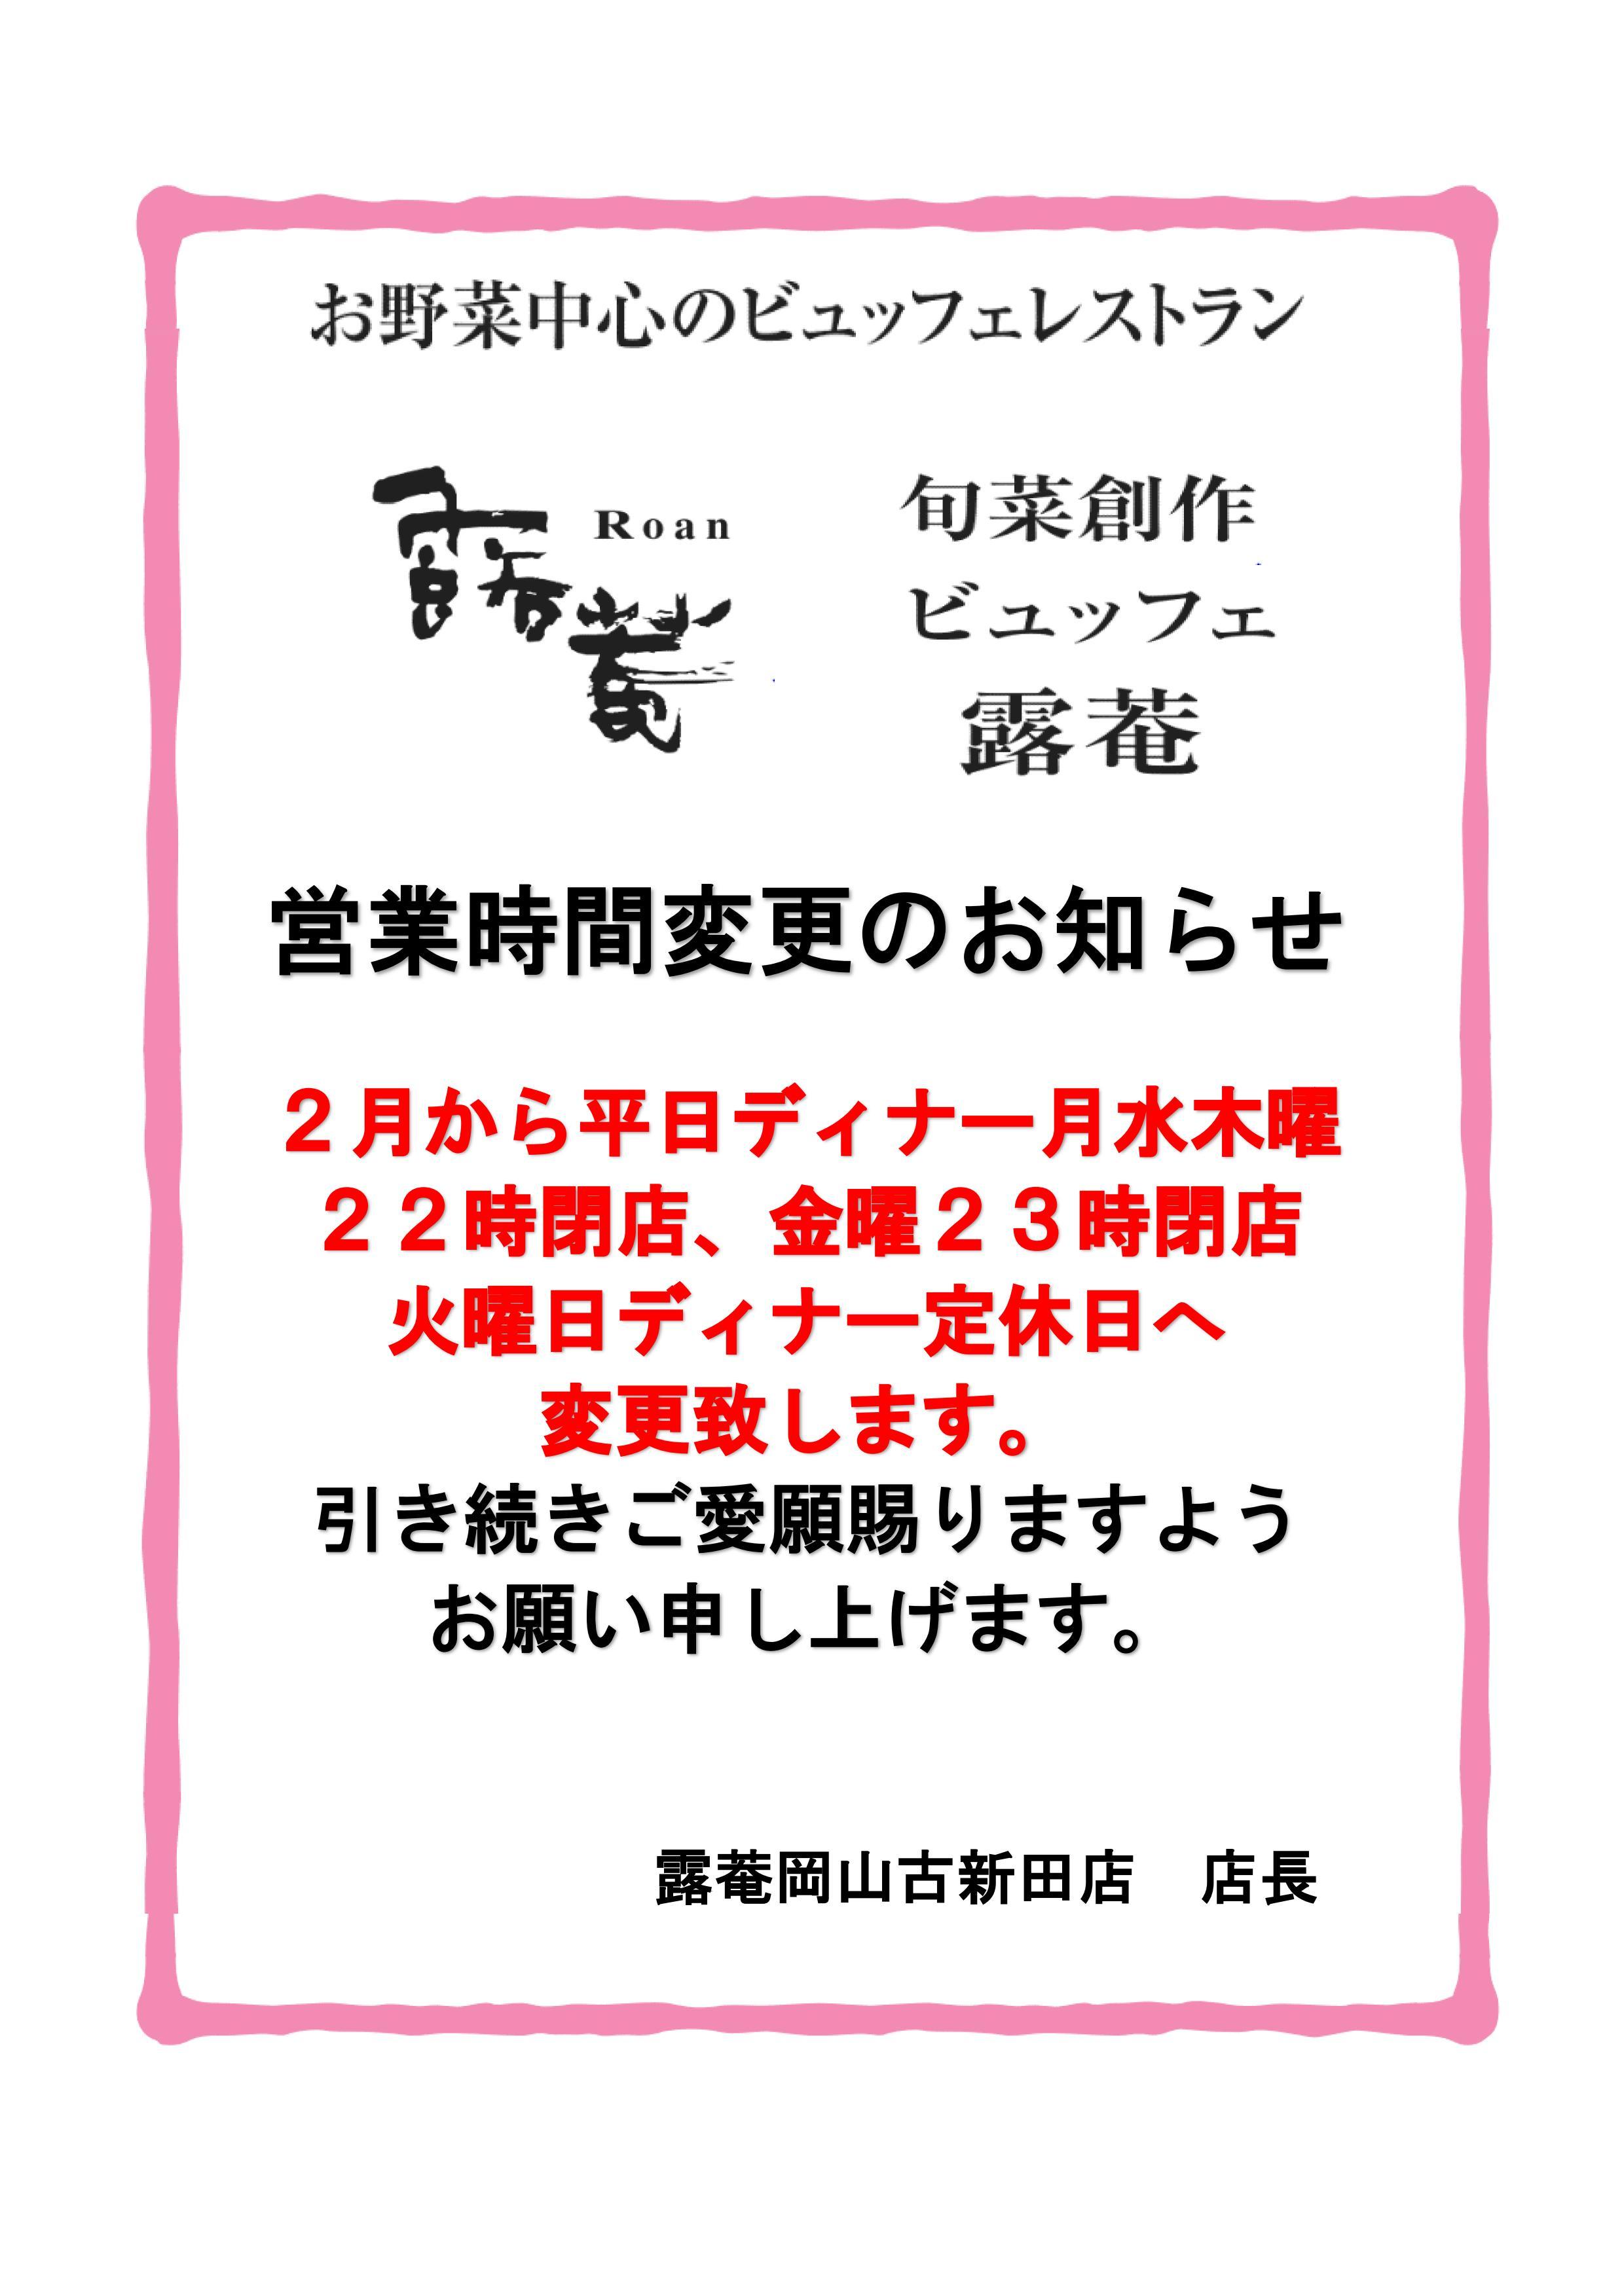 営業時間変更(古新田)1